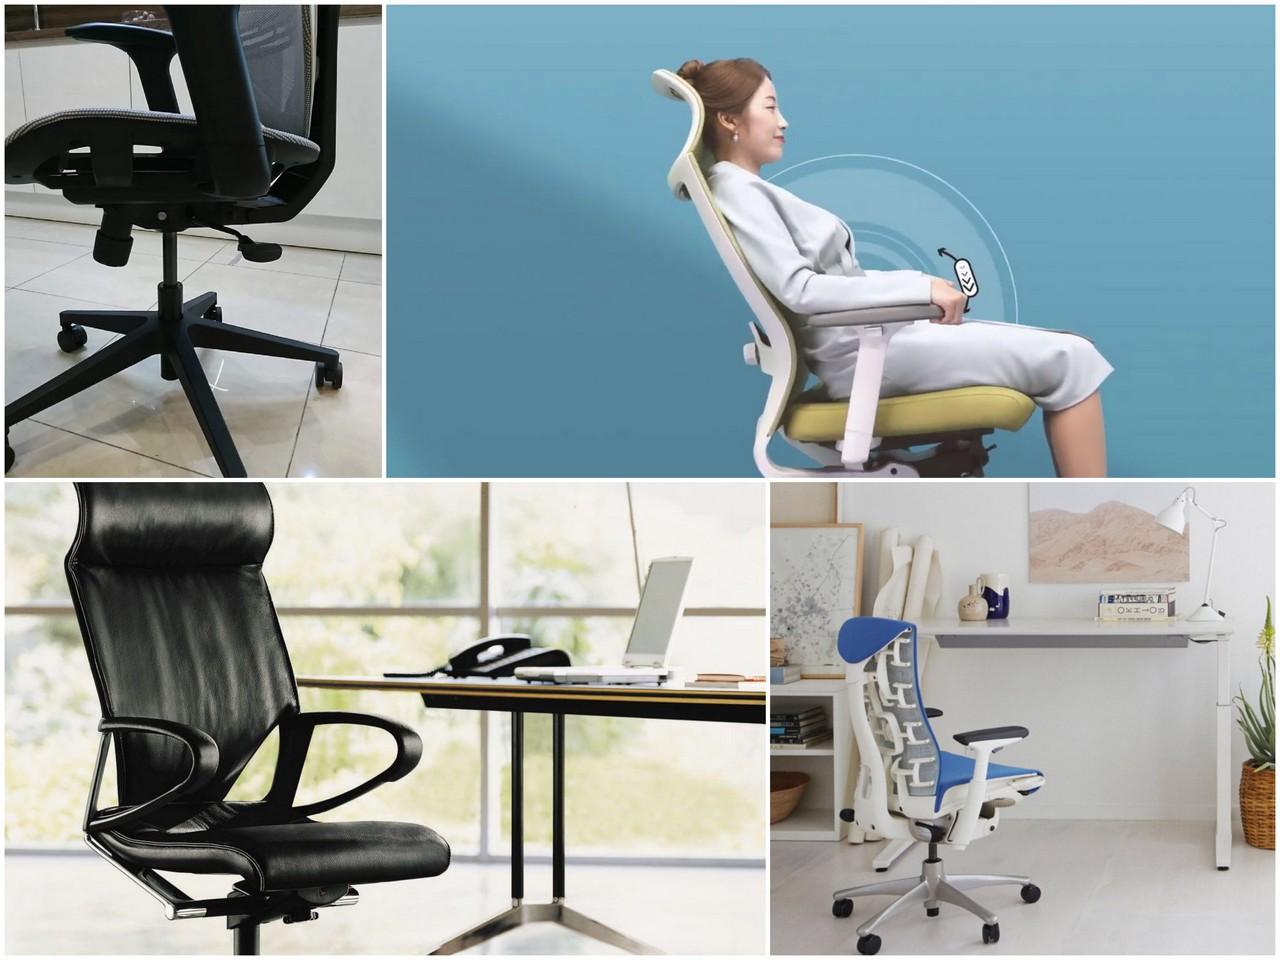 Выбирая эргономичную мебель, вы меняете свою жизнь